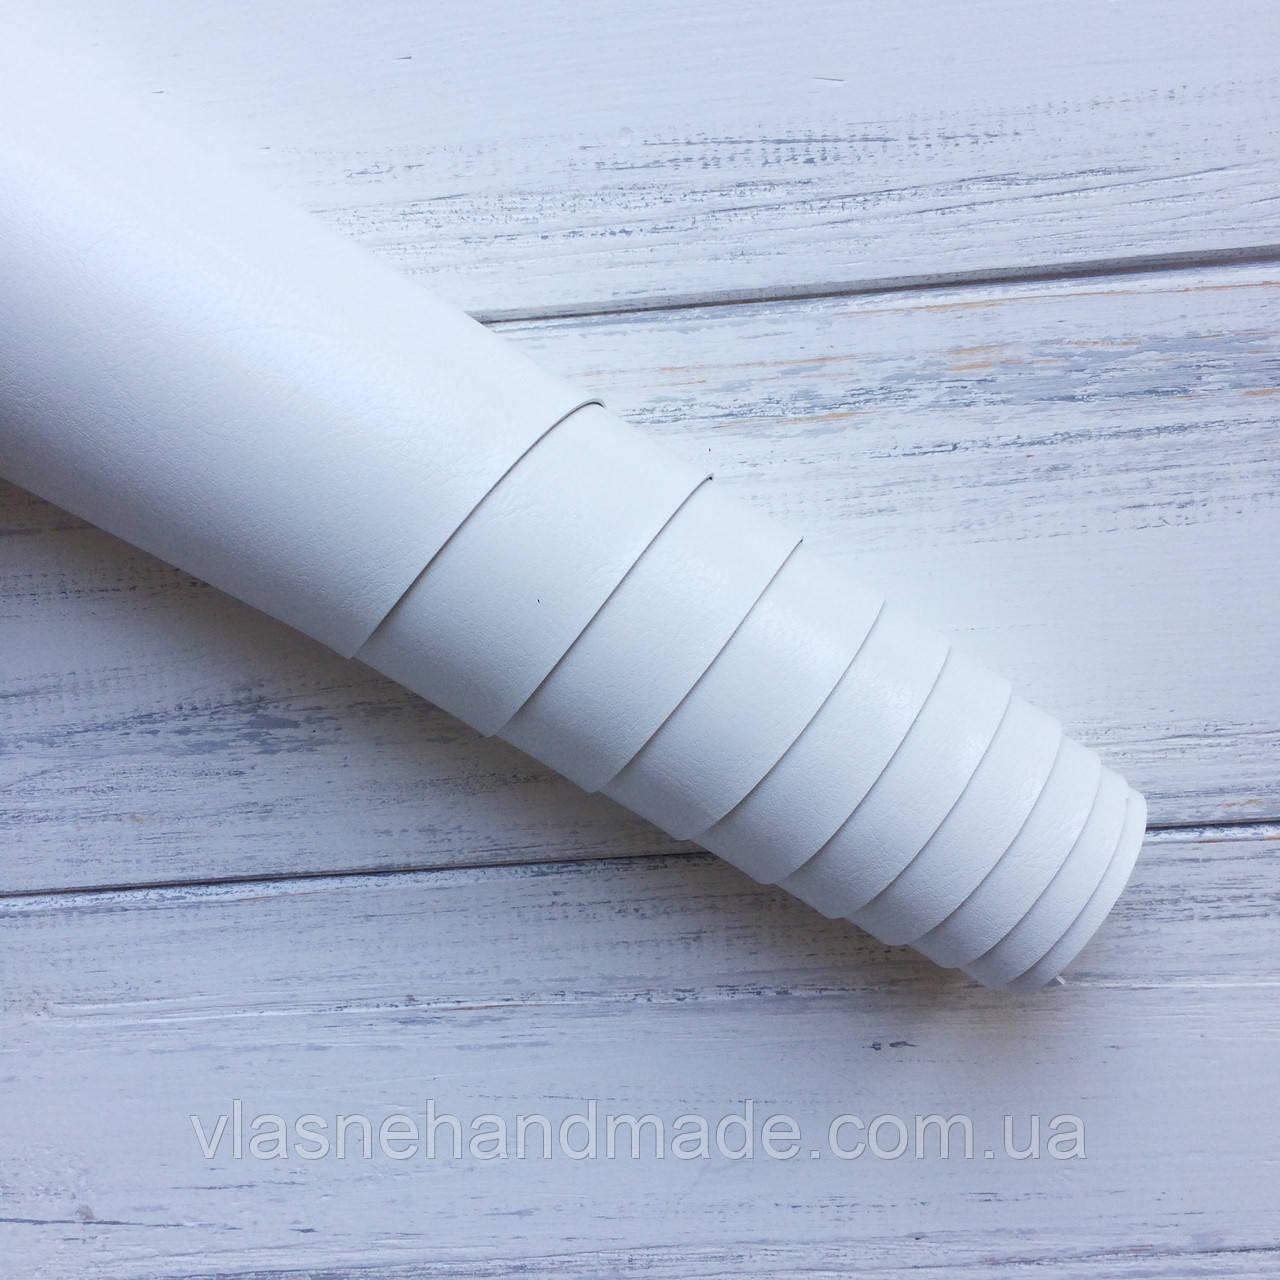 НЕФОРМАТ АБО НЕВЕЛИКИЙ БРАК!! Шкірзамінник палітурний - глянець - білий - виробник Італія - 24х35 см